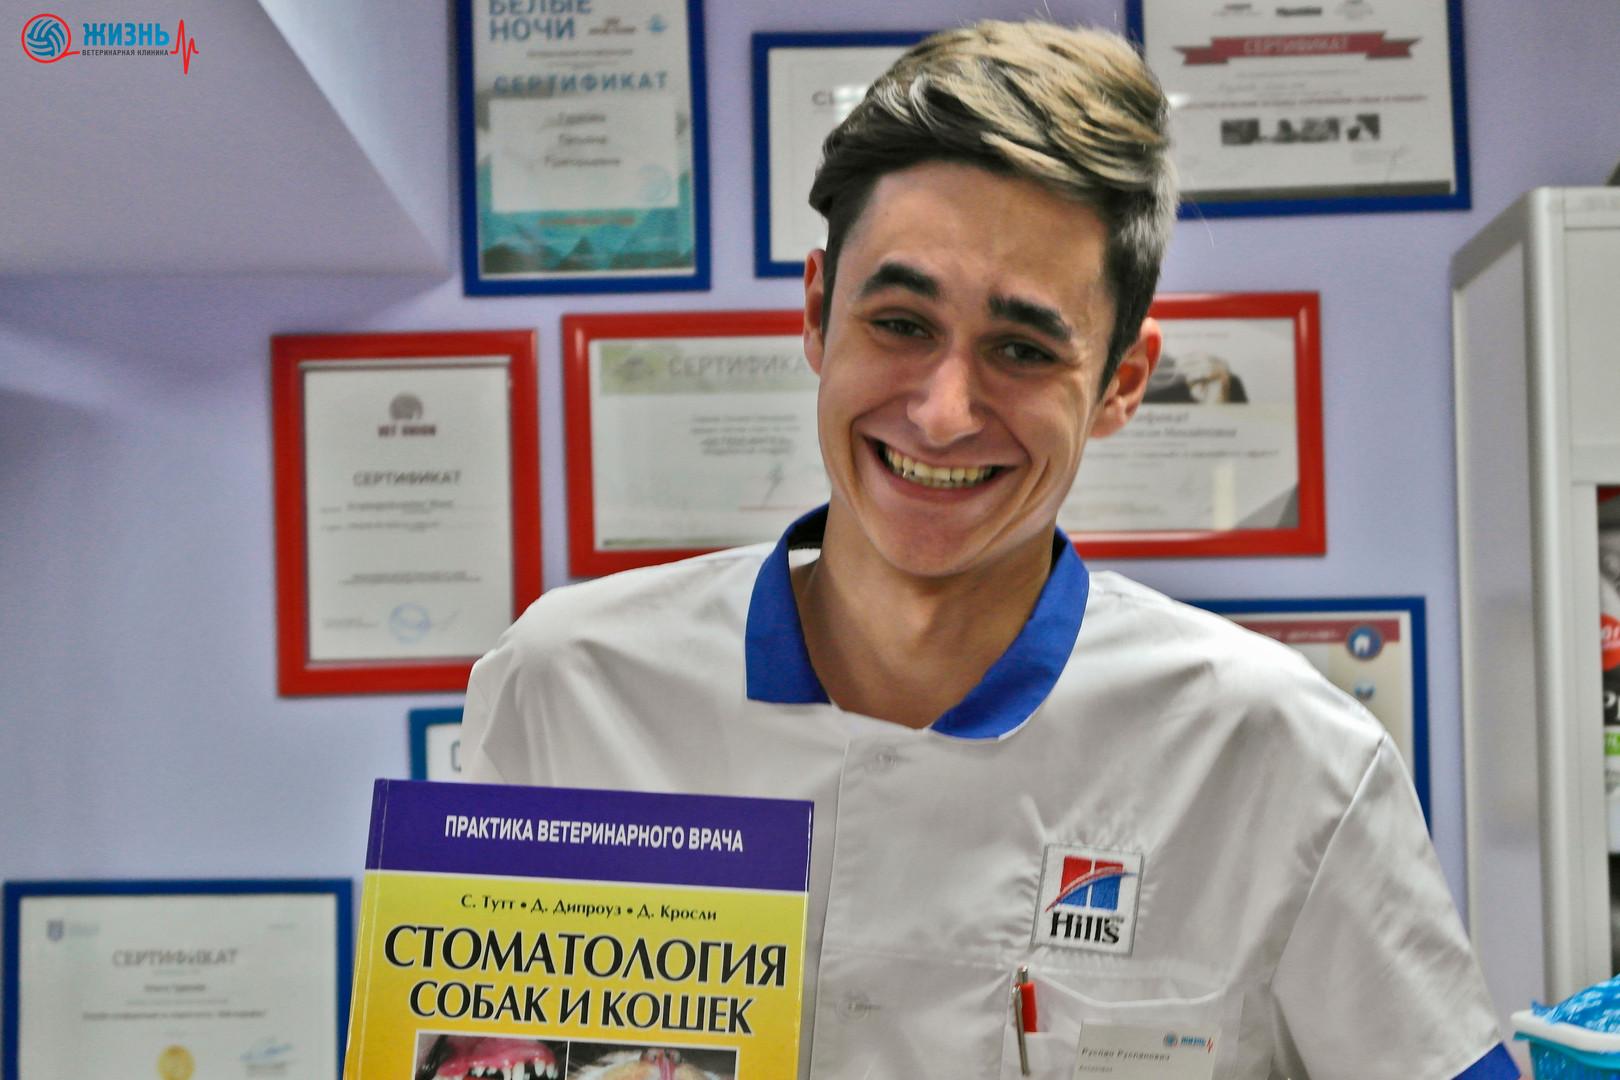 Пархимович Руслан Русланович